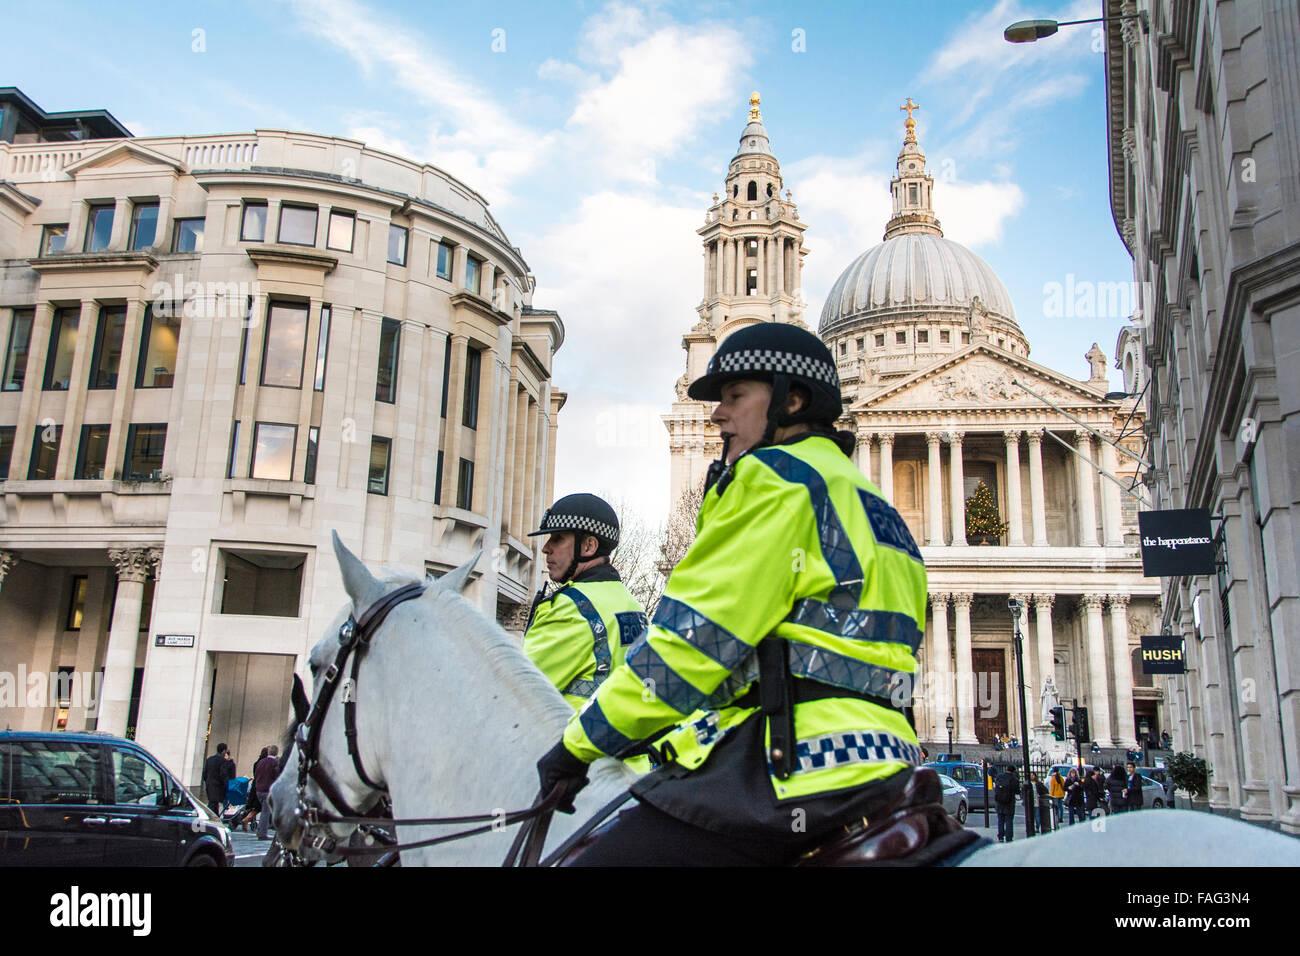 Polizia montata nella parte anteriore della Cattedrale di San Paolo a Londra, Inghilterra, Regno Unito Immagini Stock